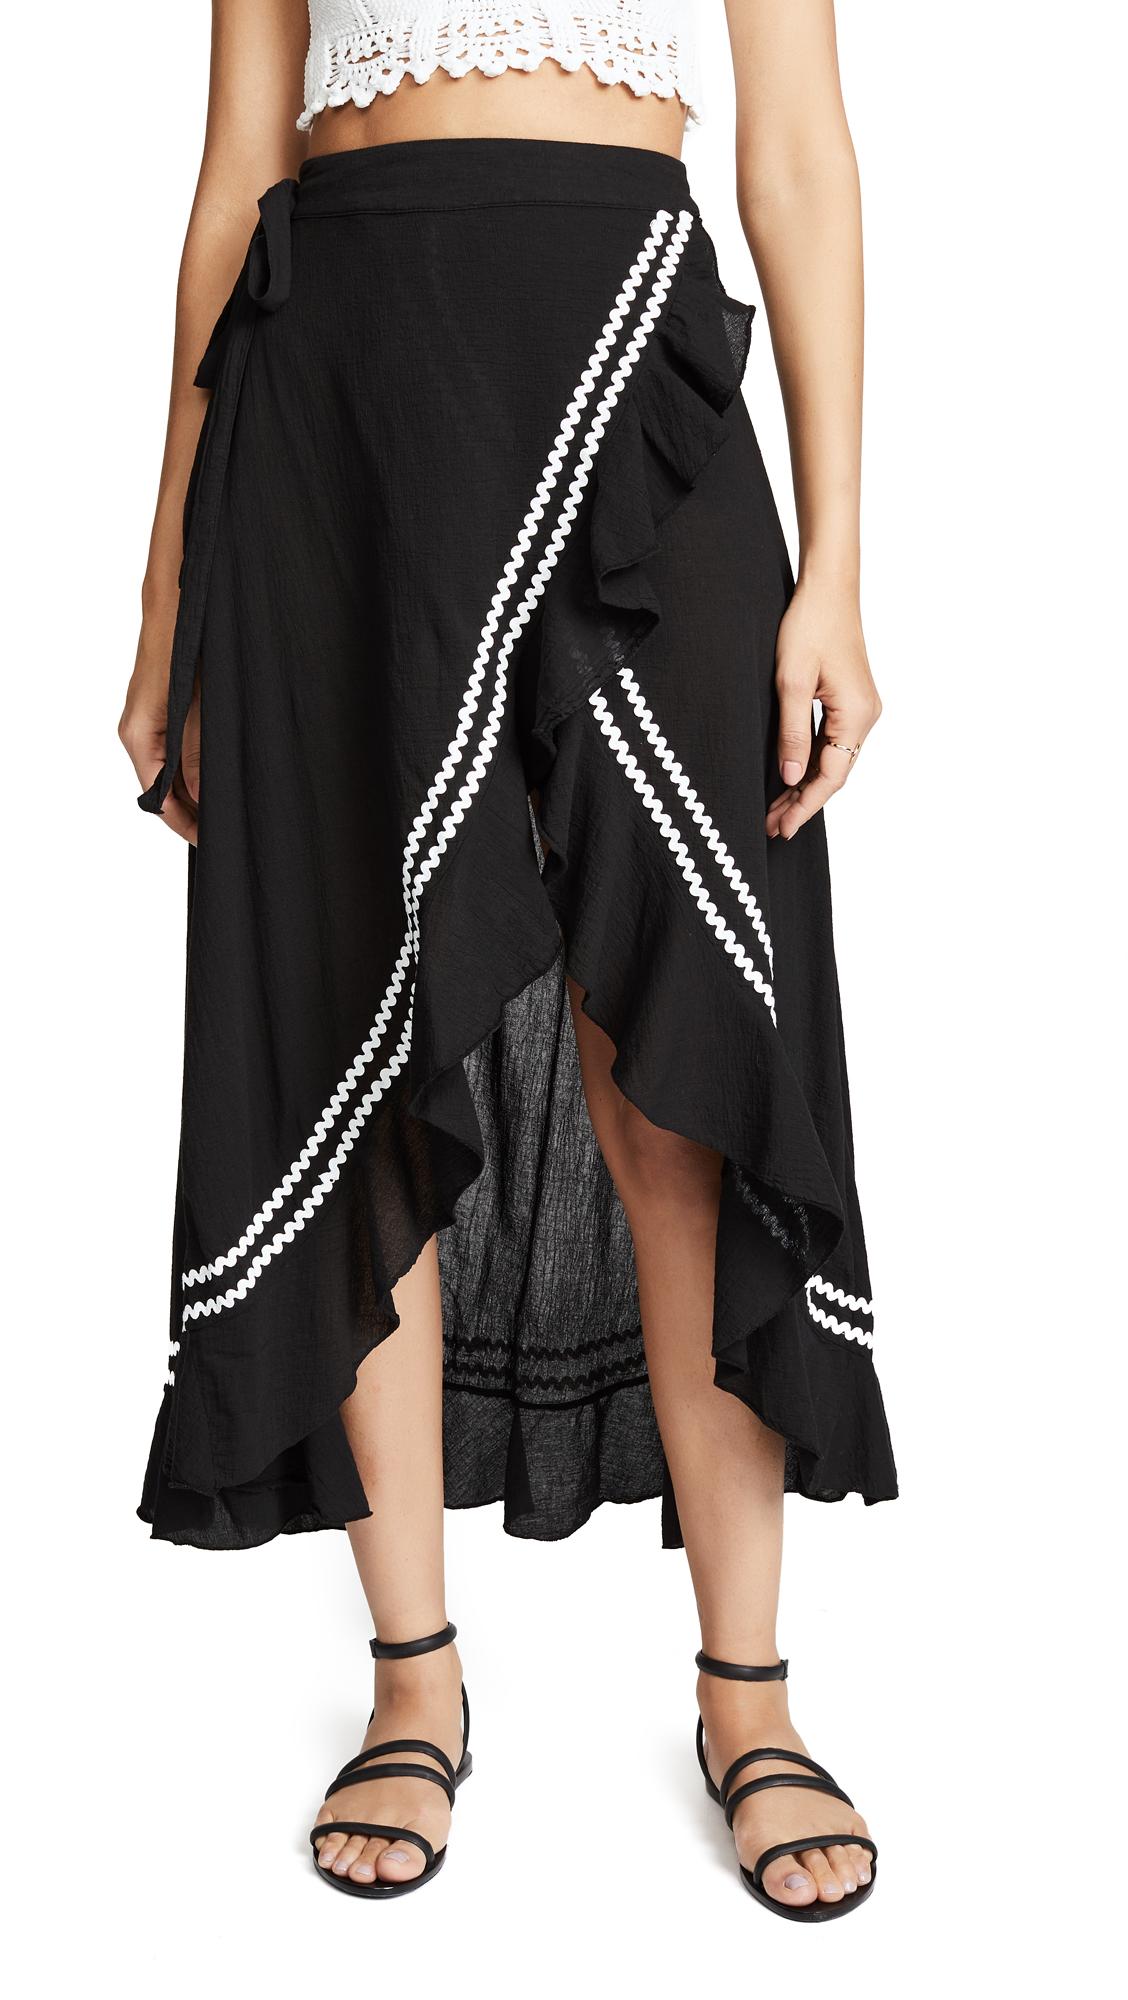 9seed Solana Skirt In Black/White